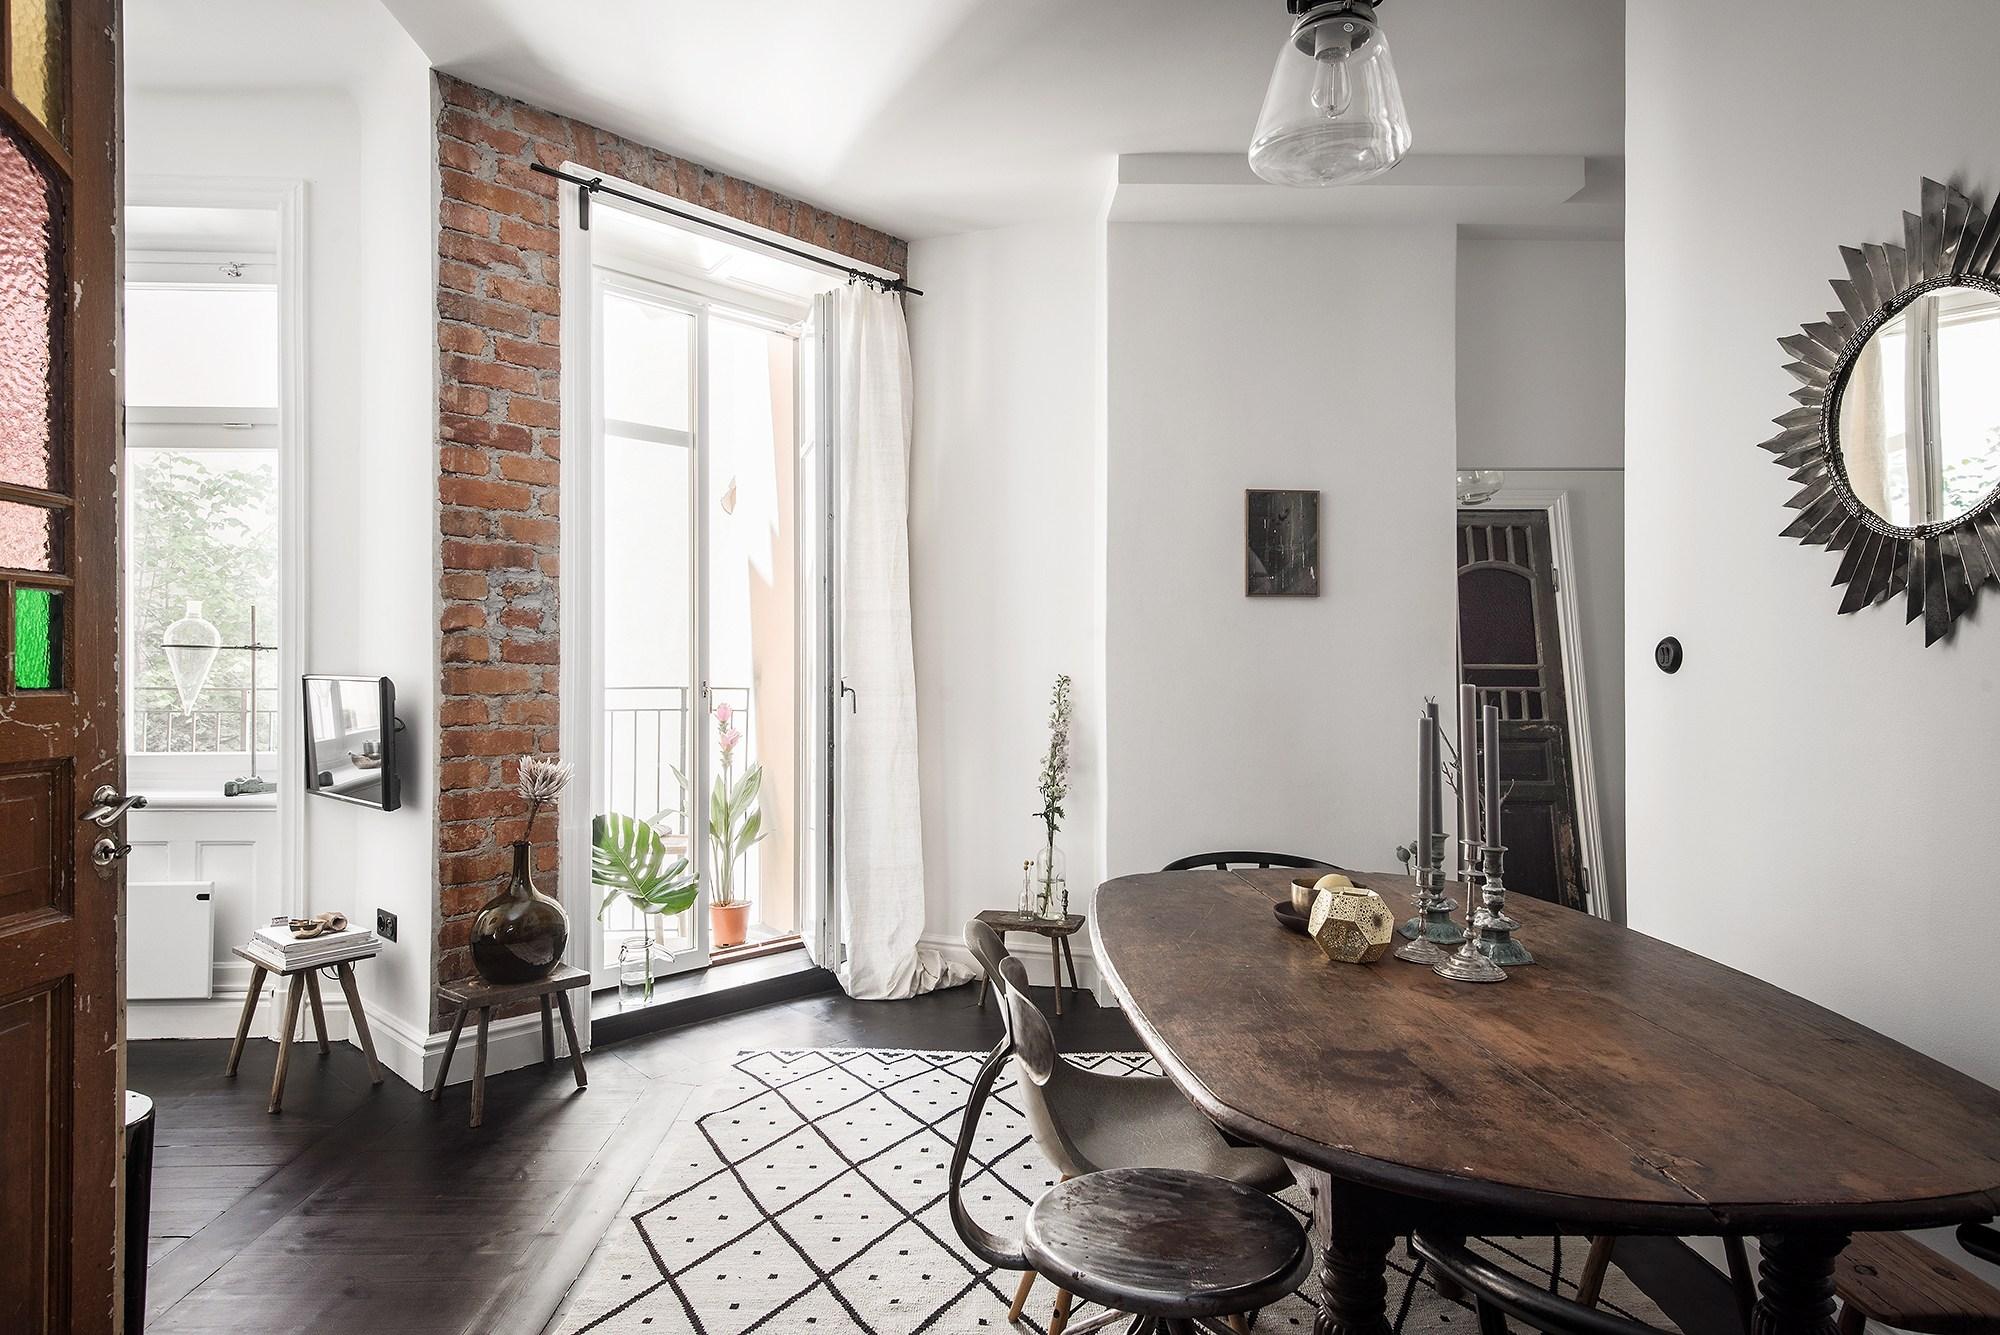 Tận dụng đồ cũ, căn hộ 42m² vẫn đẹp cá tính từng góc nhỏ - Ảnh 9.